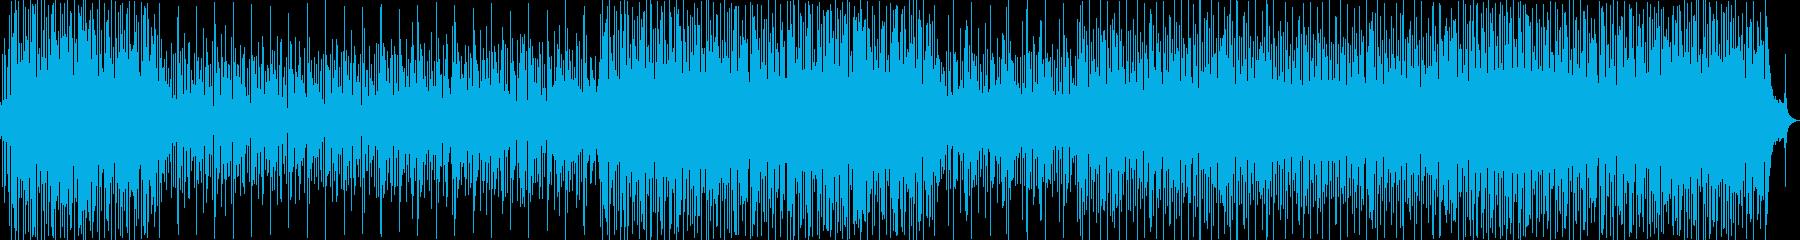 古典的なイタリアのポップソングの背景。の再生済みの波形